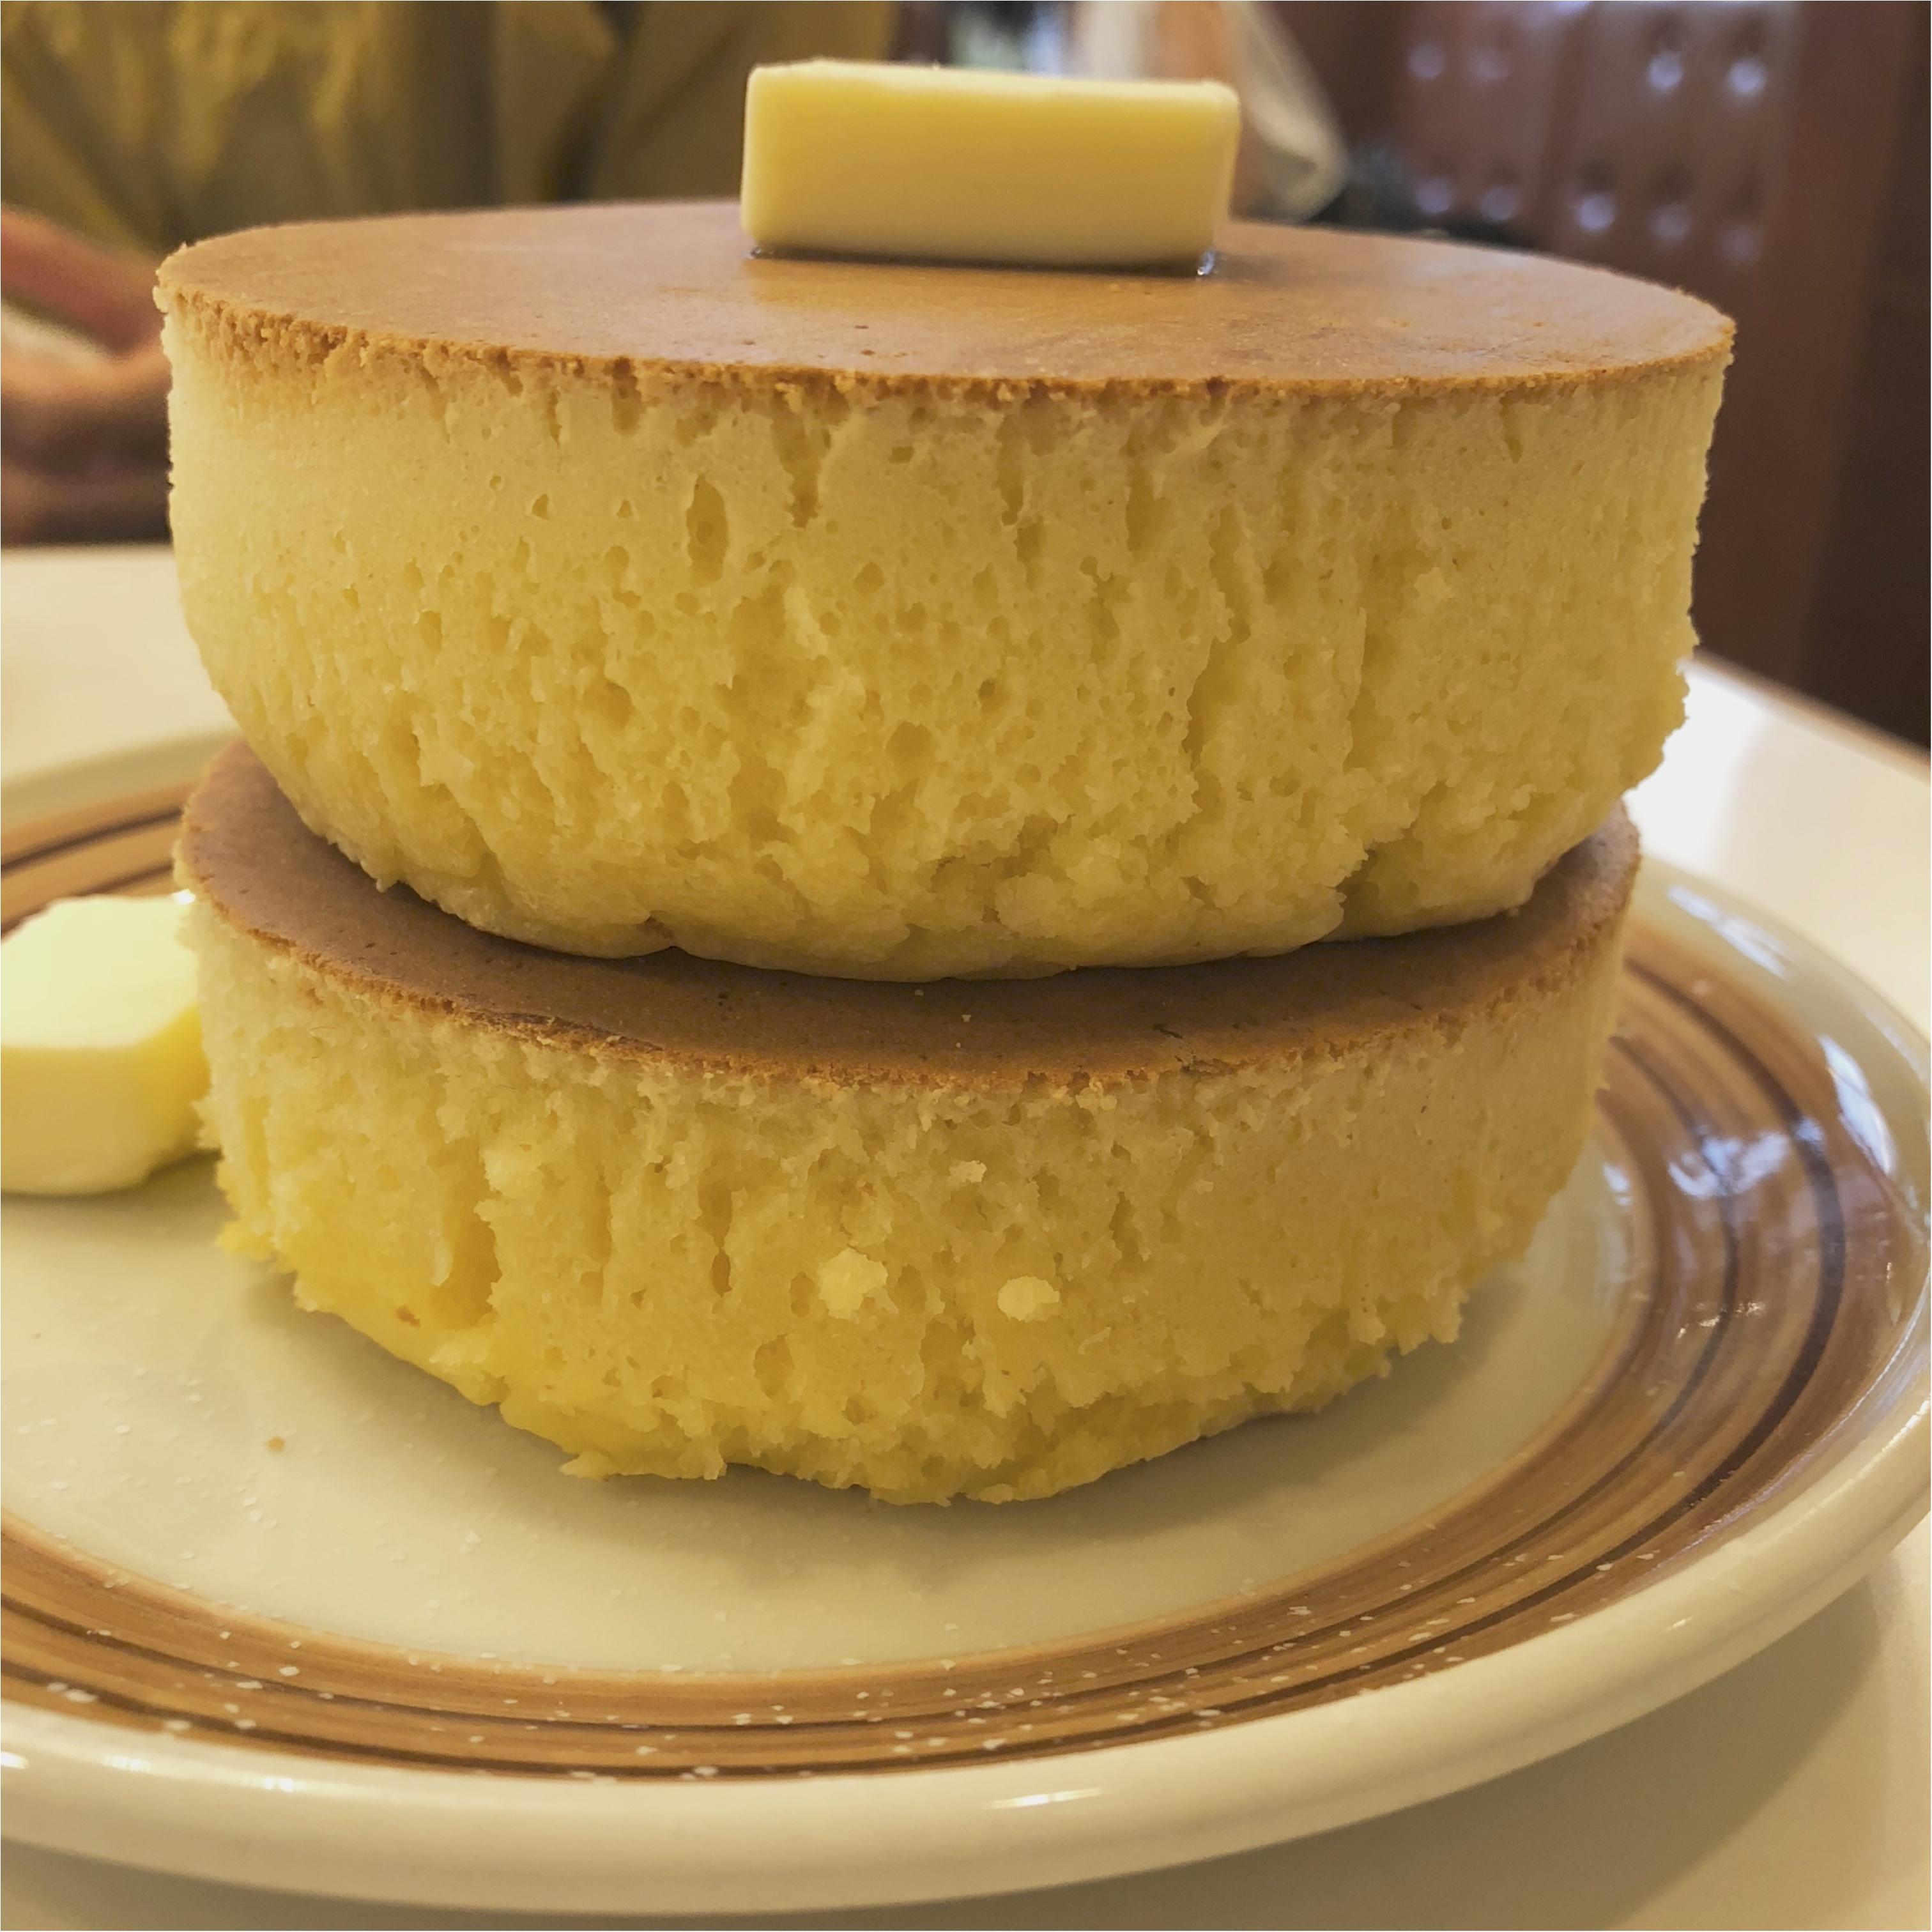 【鎌倉散歩】幸せを頬張って♡イワタコーヒーのホットケーキは見逃せない!_3